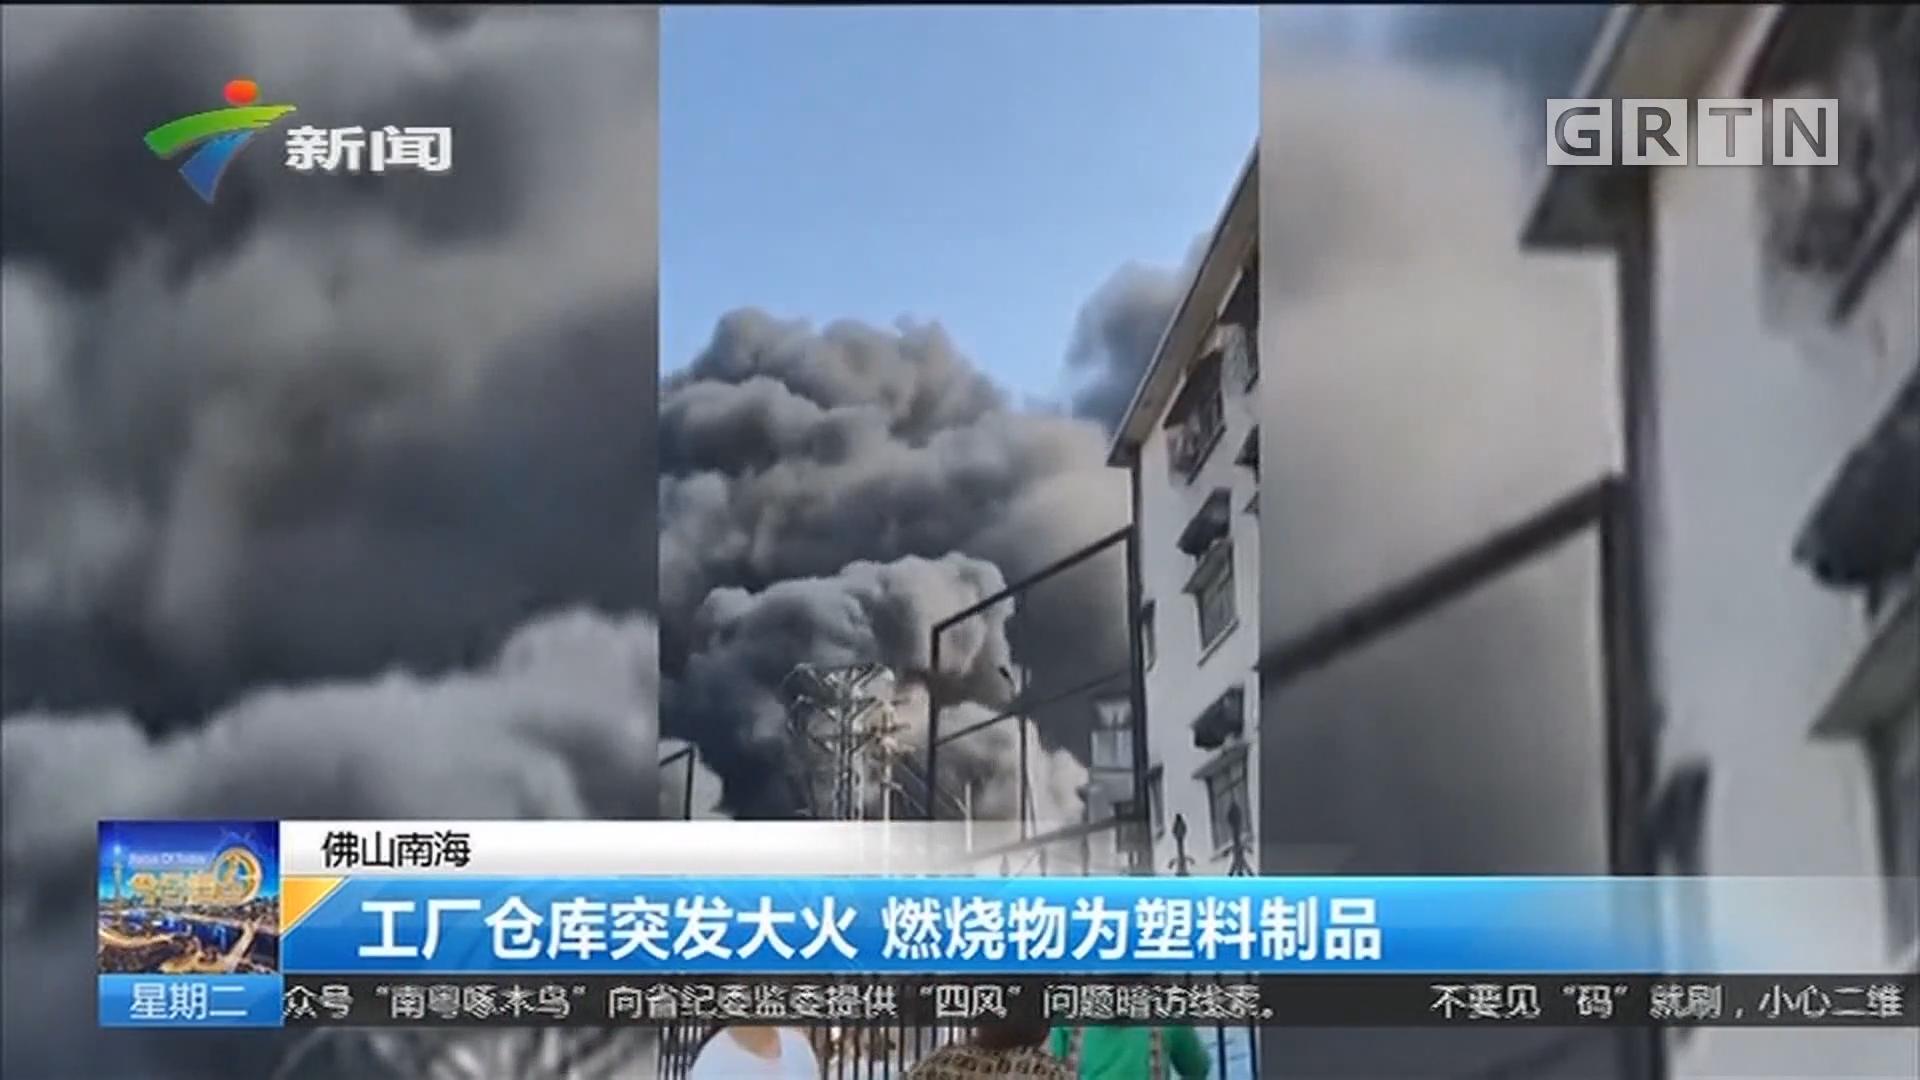 佛山南海:工厂仓库突发大火 燃烧物为塑料制品